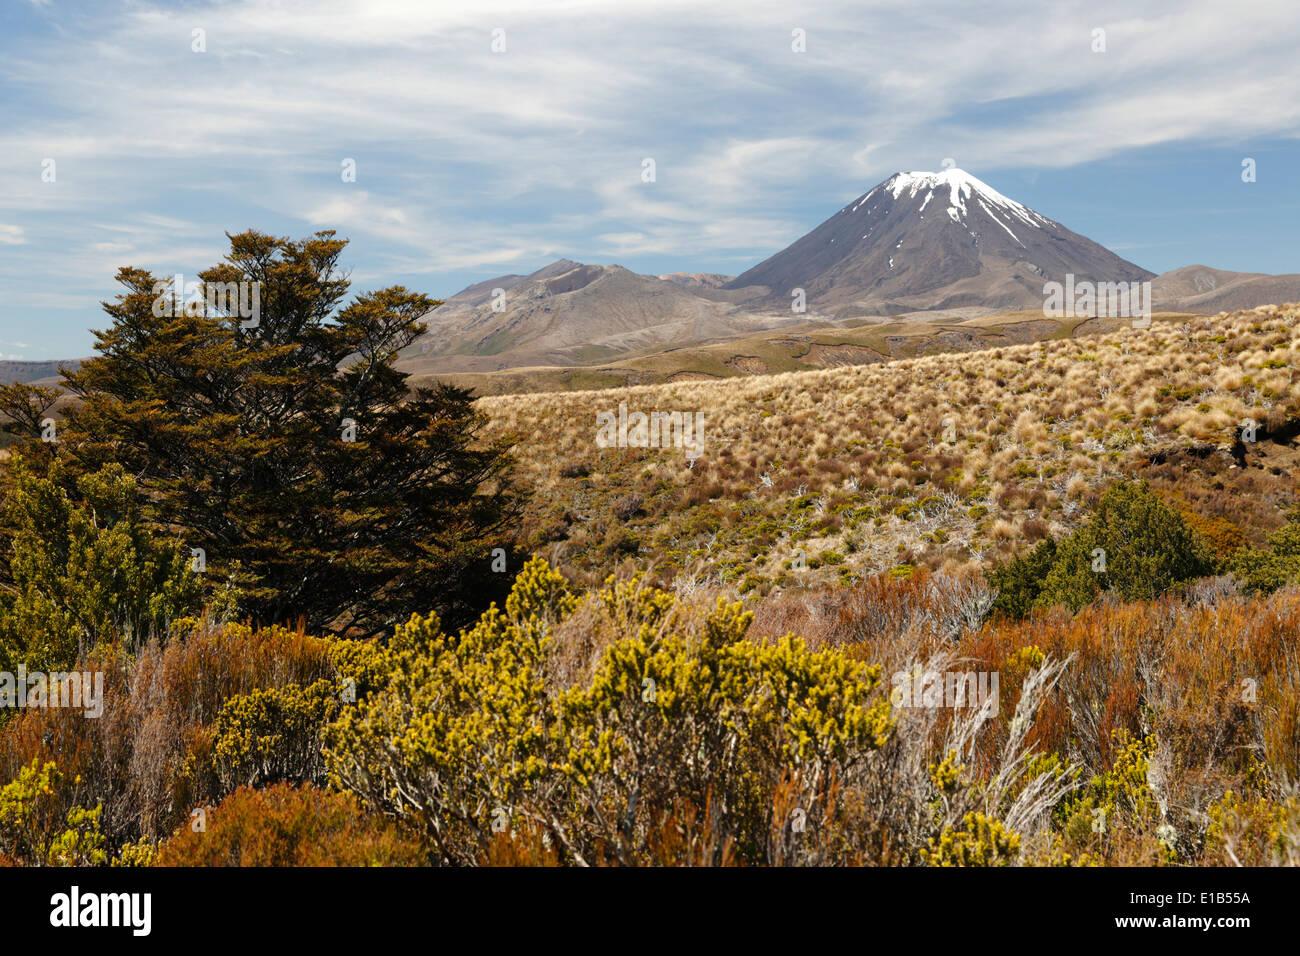 Mount Ngauruhoe, an active stratovolcano - Stock Image